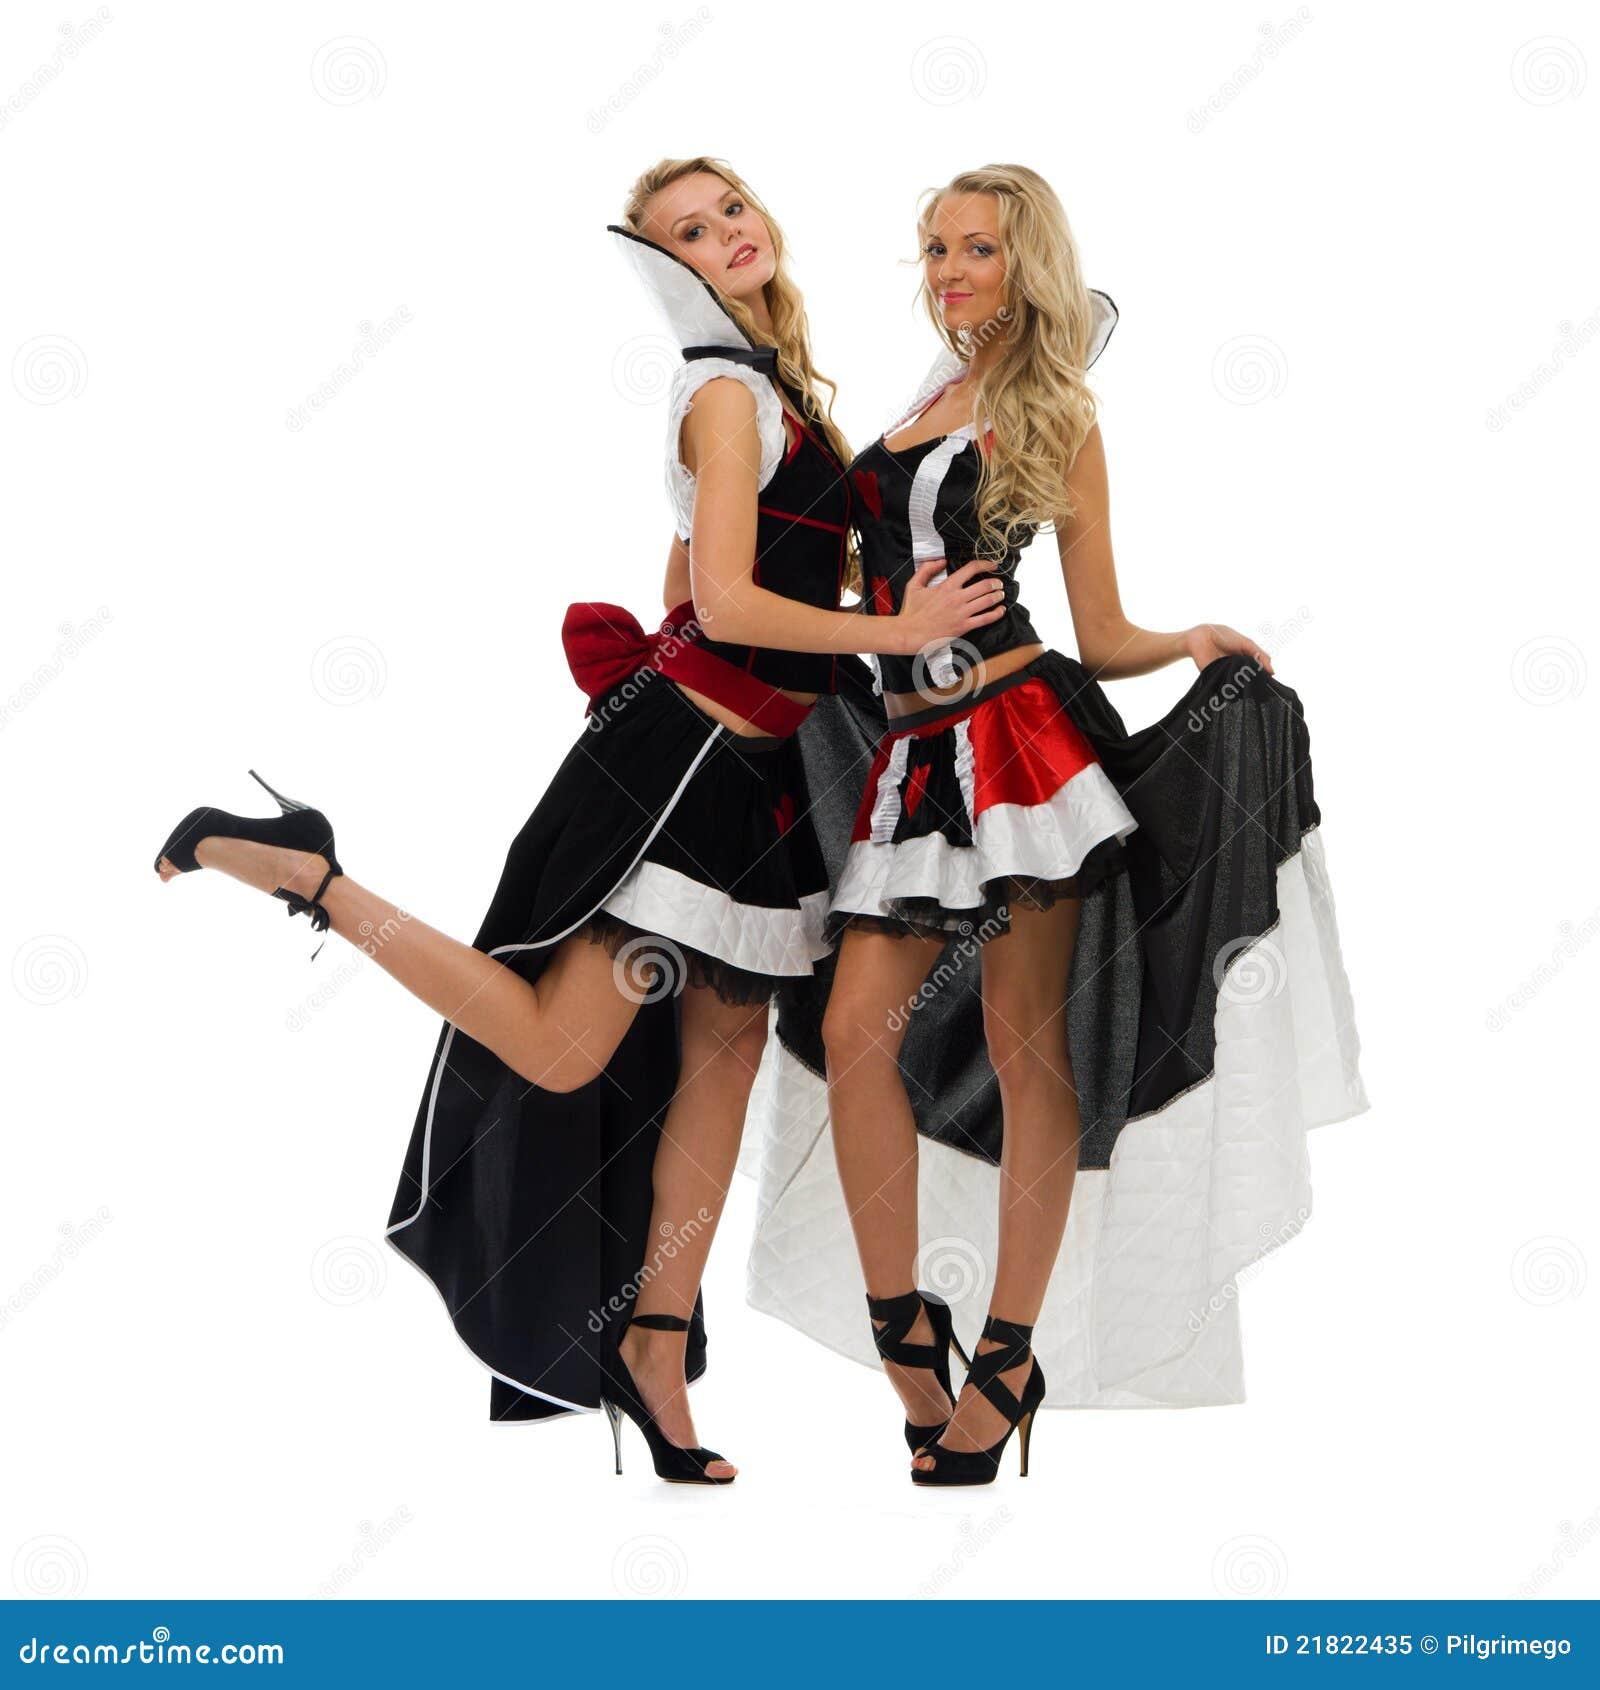 Vendita costumi carnevale donna, travestimenti pirati e anni 20,30, uniformi e divise, abiti storici costumi cartoni animati e serie tv, oltre che principesse e fatine.